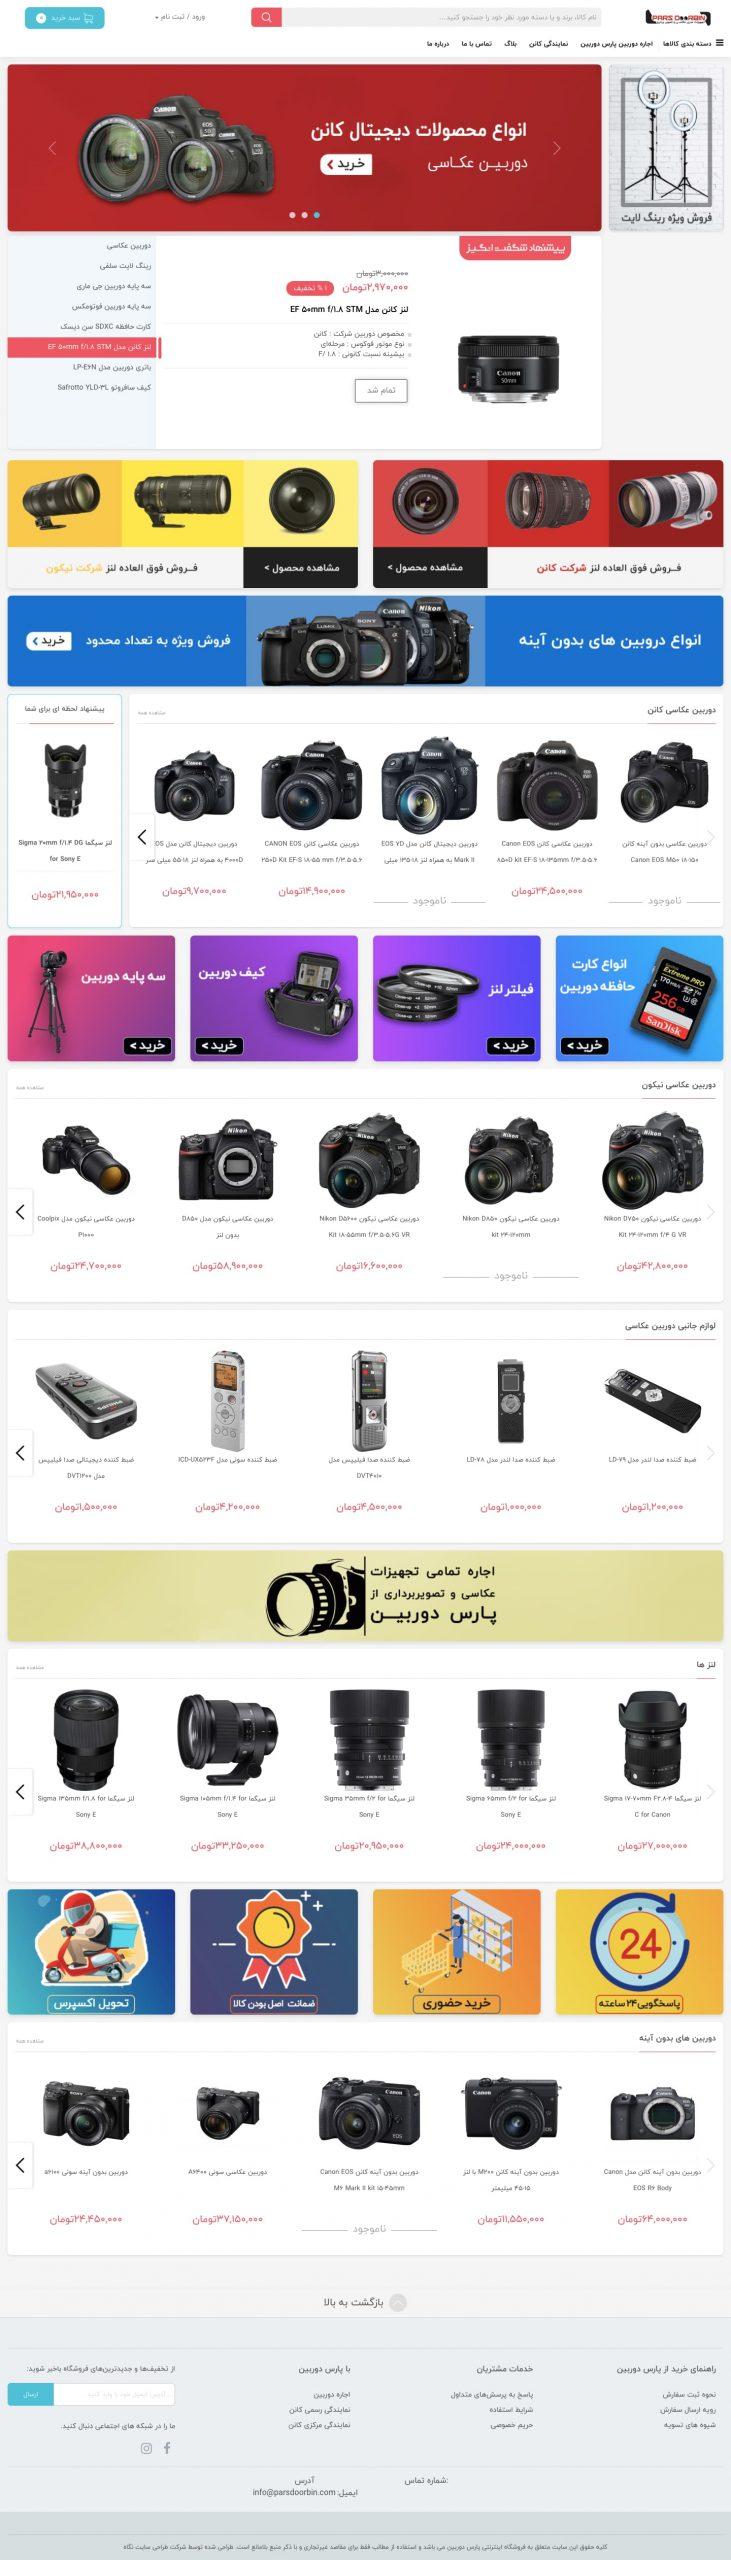 طراحی سایت فروشگاهی پارس دوربین